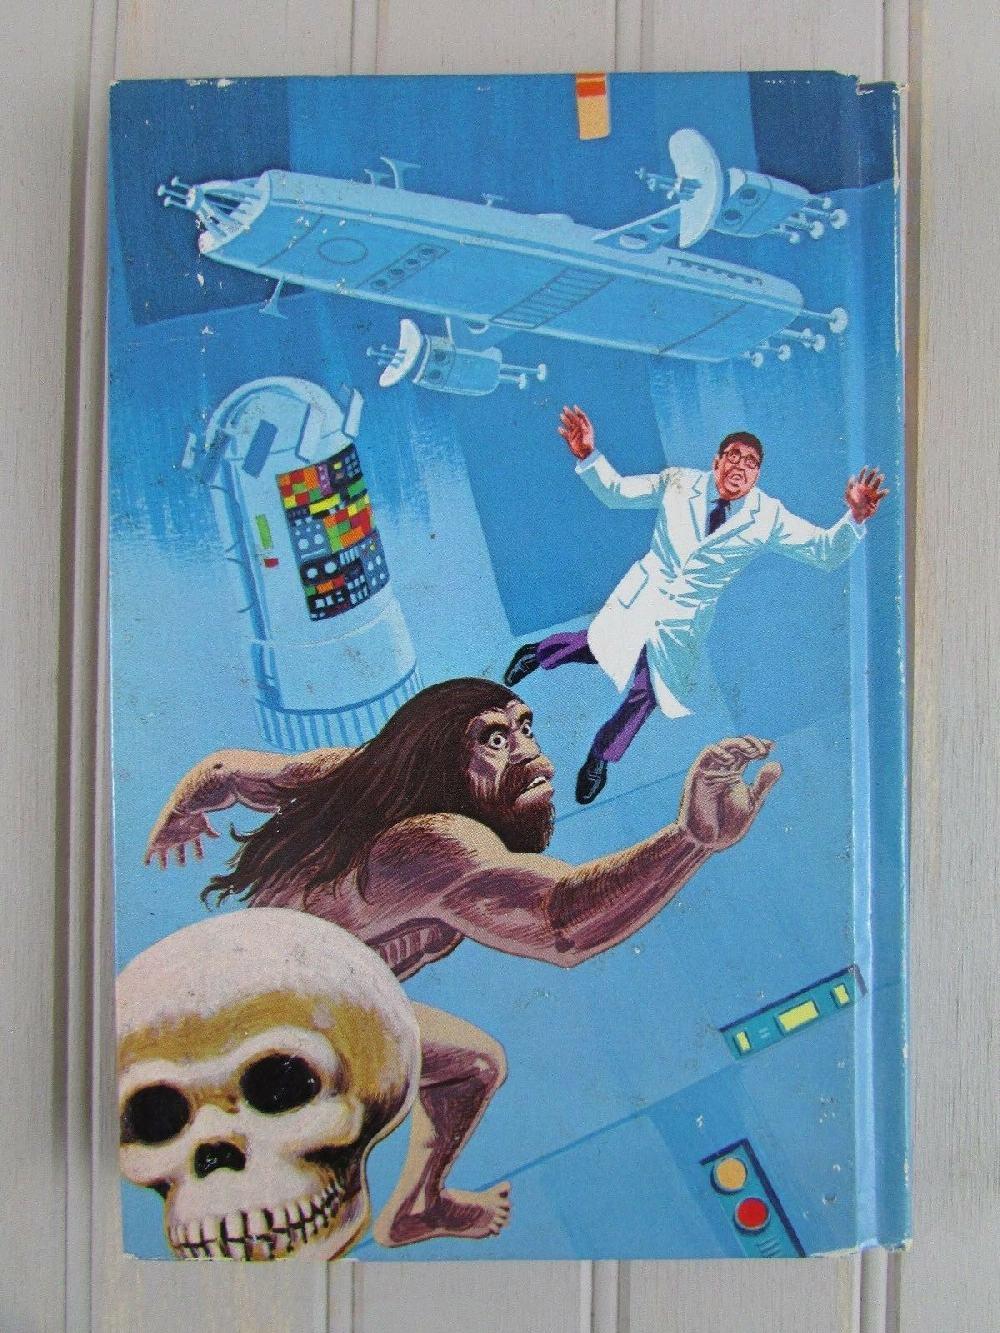 Skull's a boppin'n